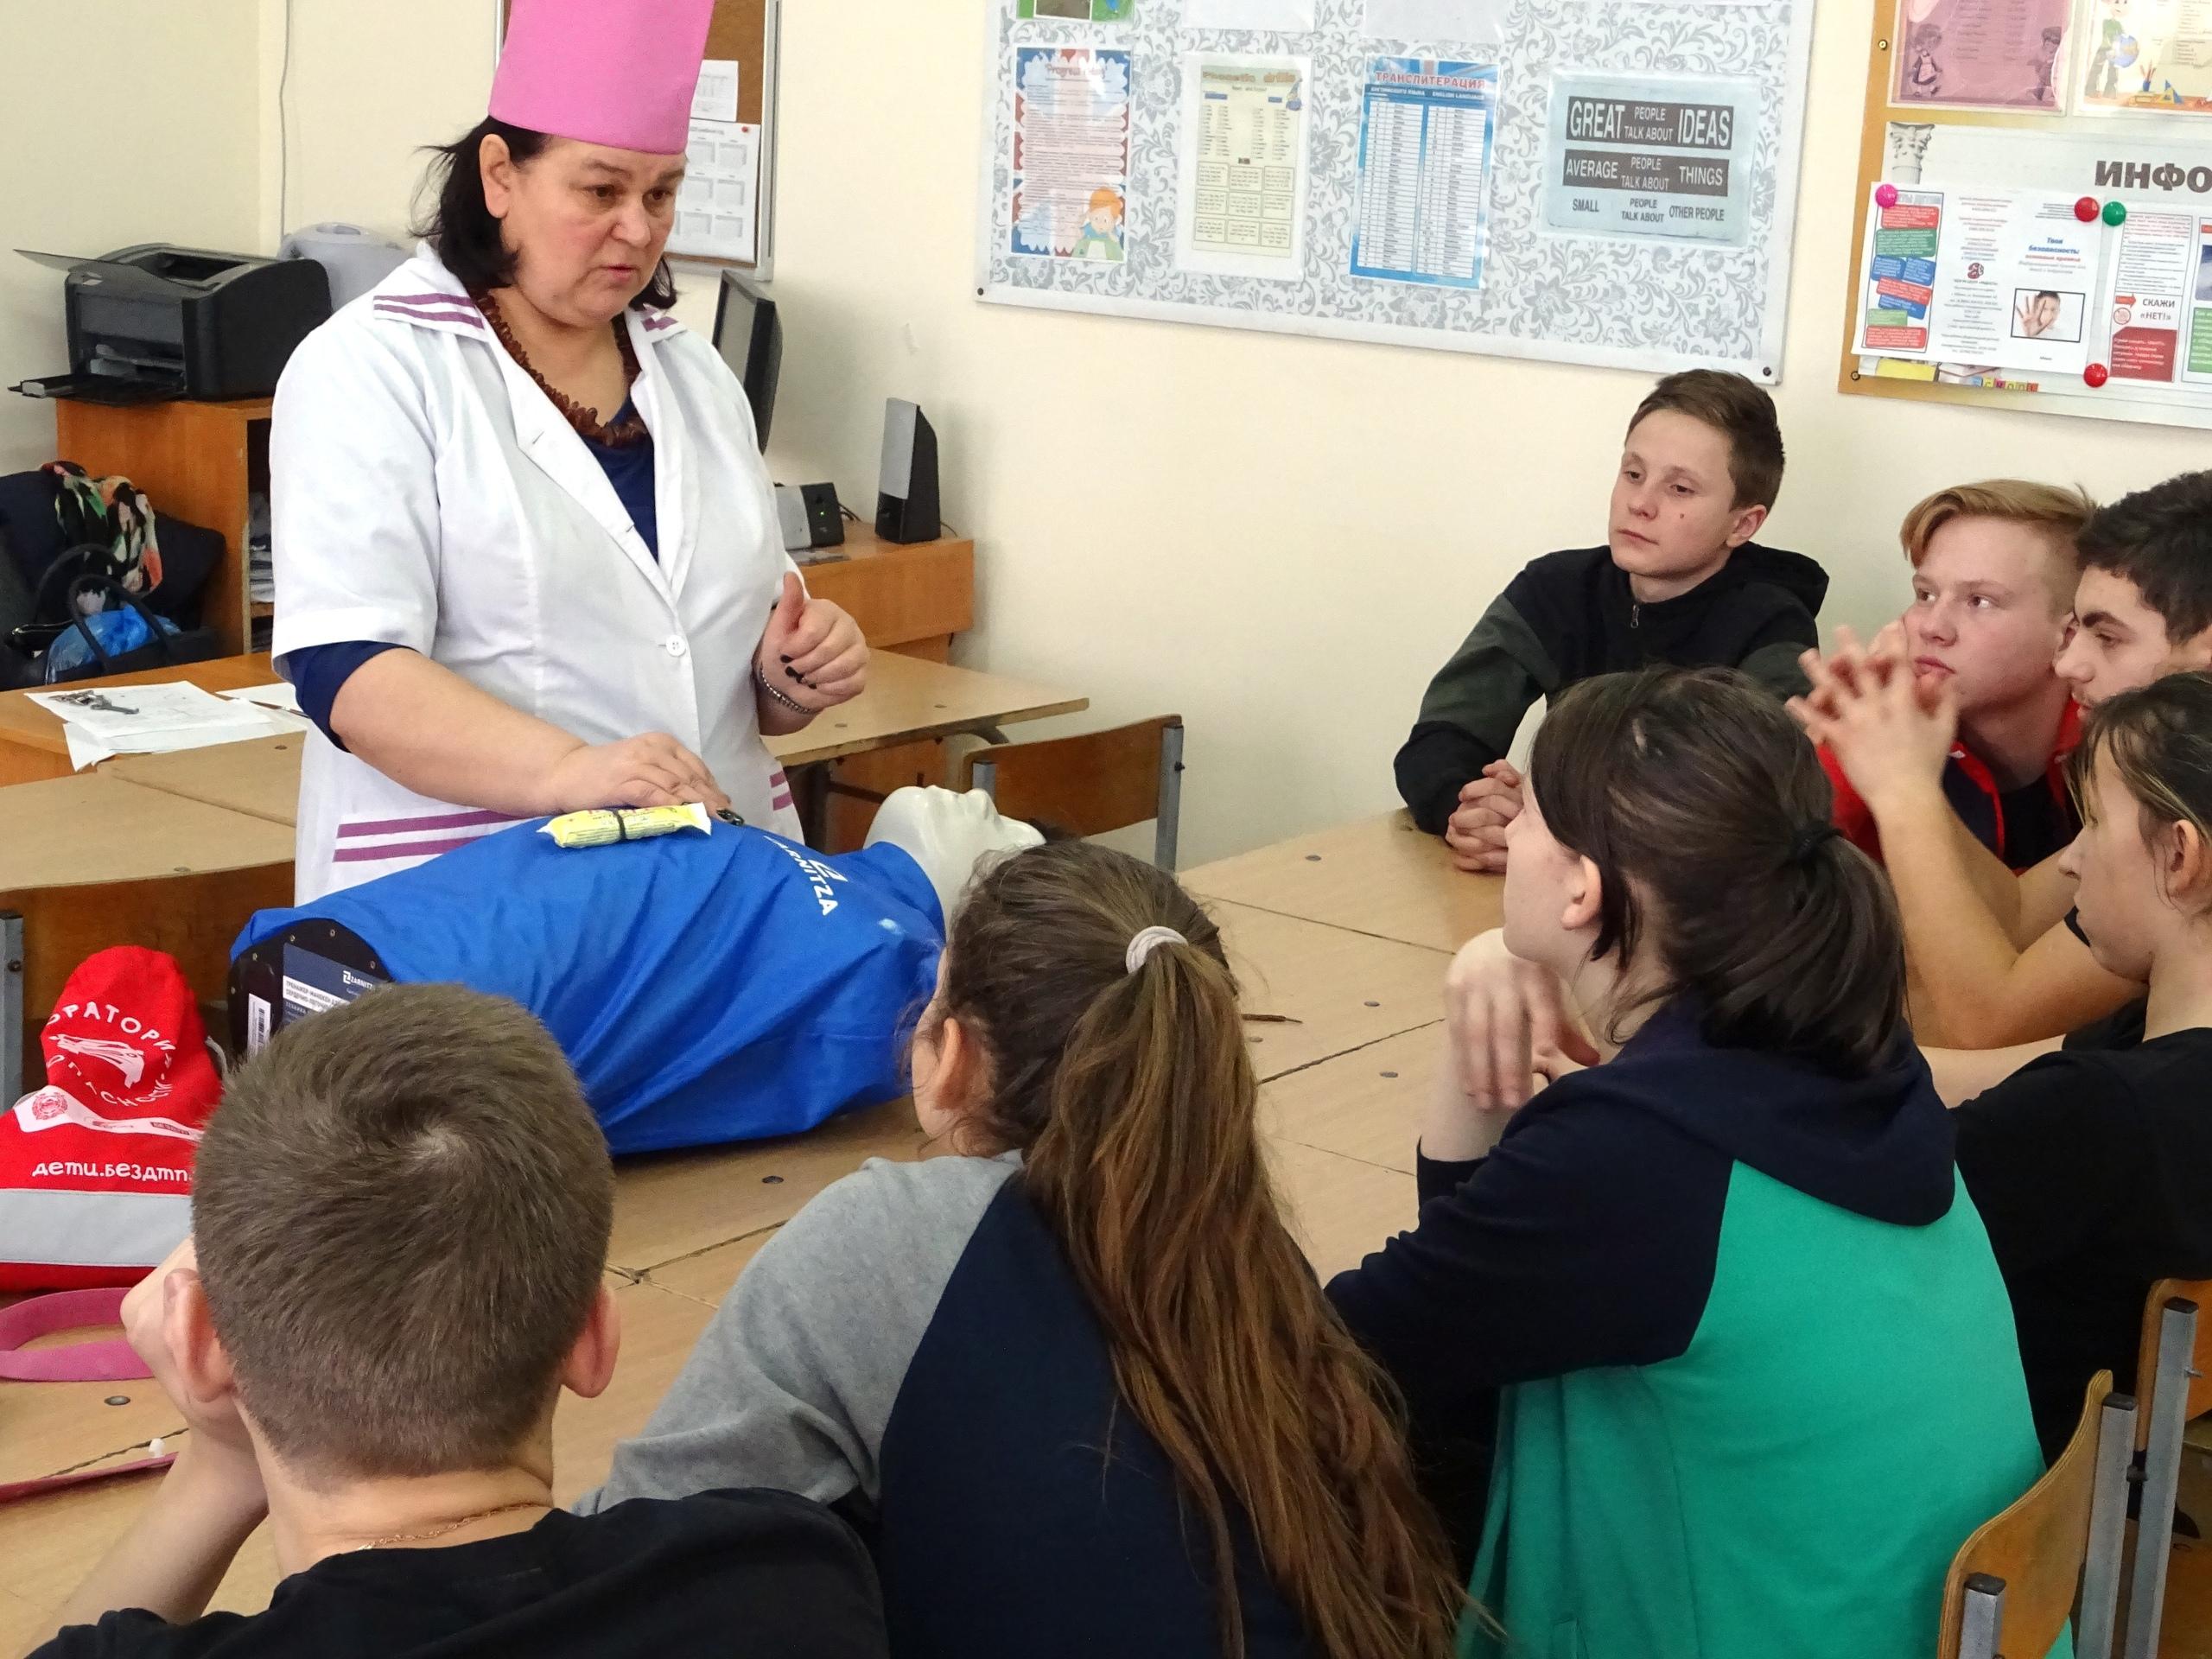 Мастер-класс по оказанию первой помощи прошёл в Усть-Абаканской школе среди учащихся 9 классов